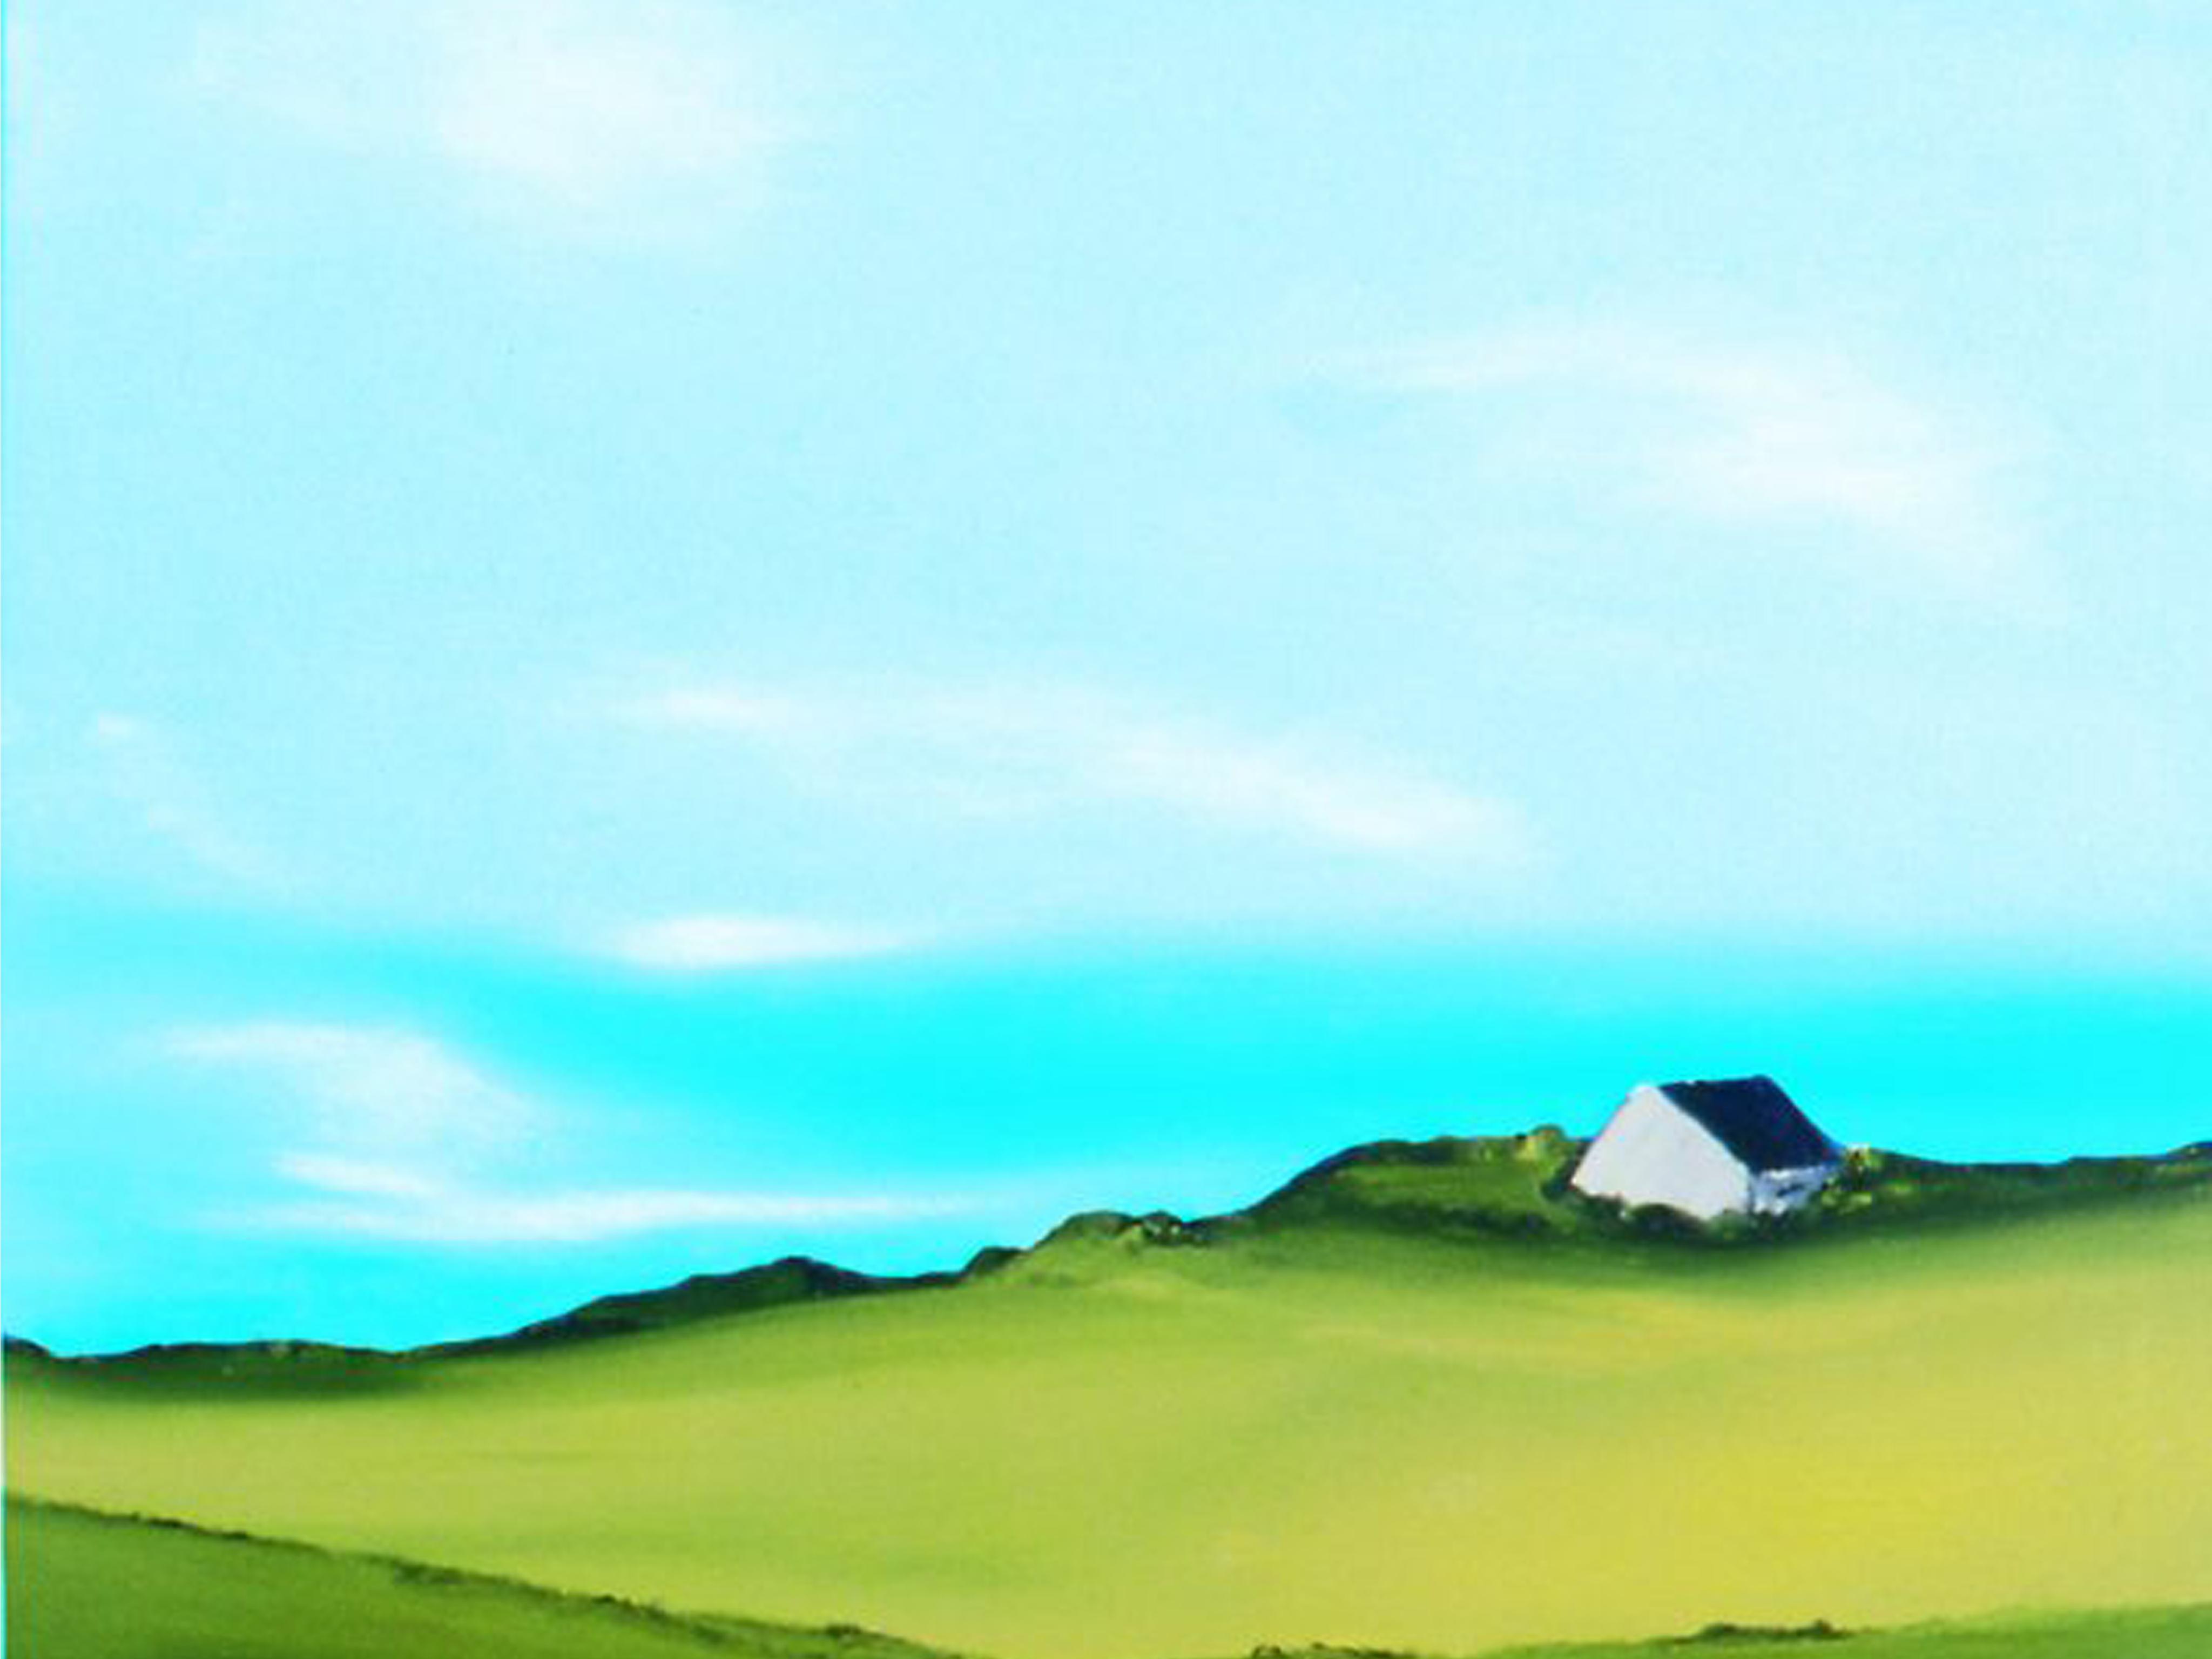 ein Haus auf einem Hügel, darüber ein türkis-wolkiger Himmel